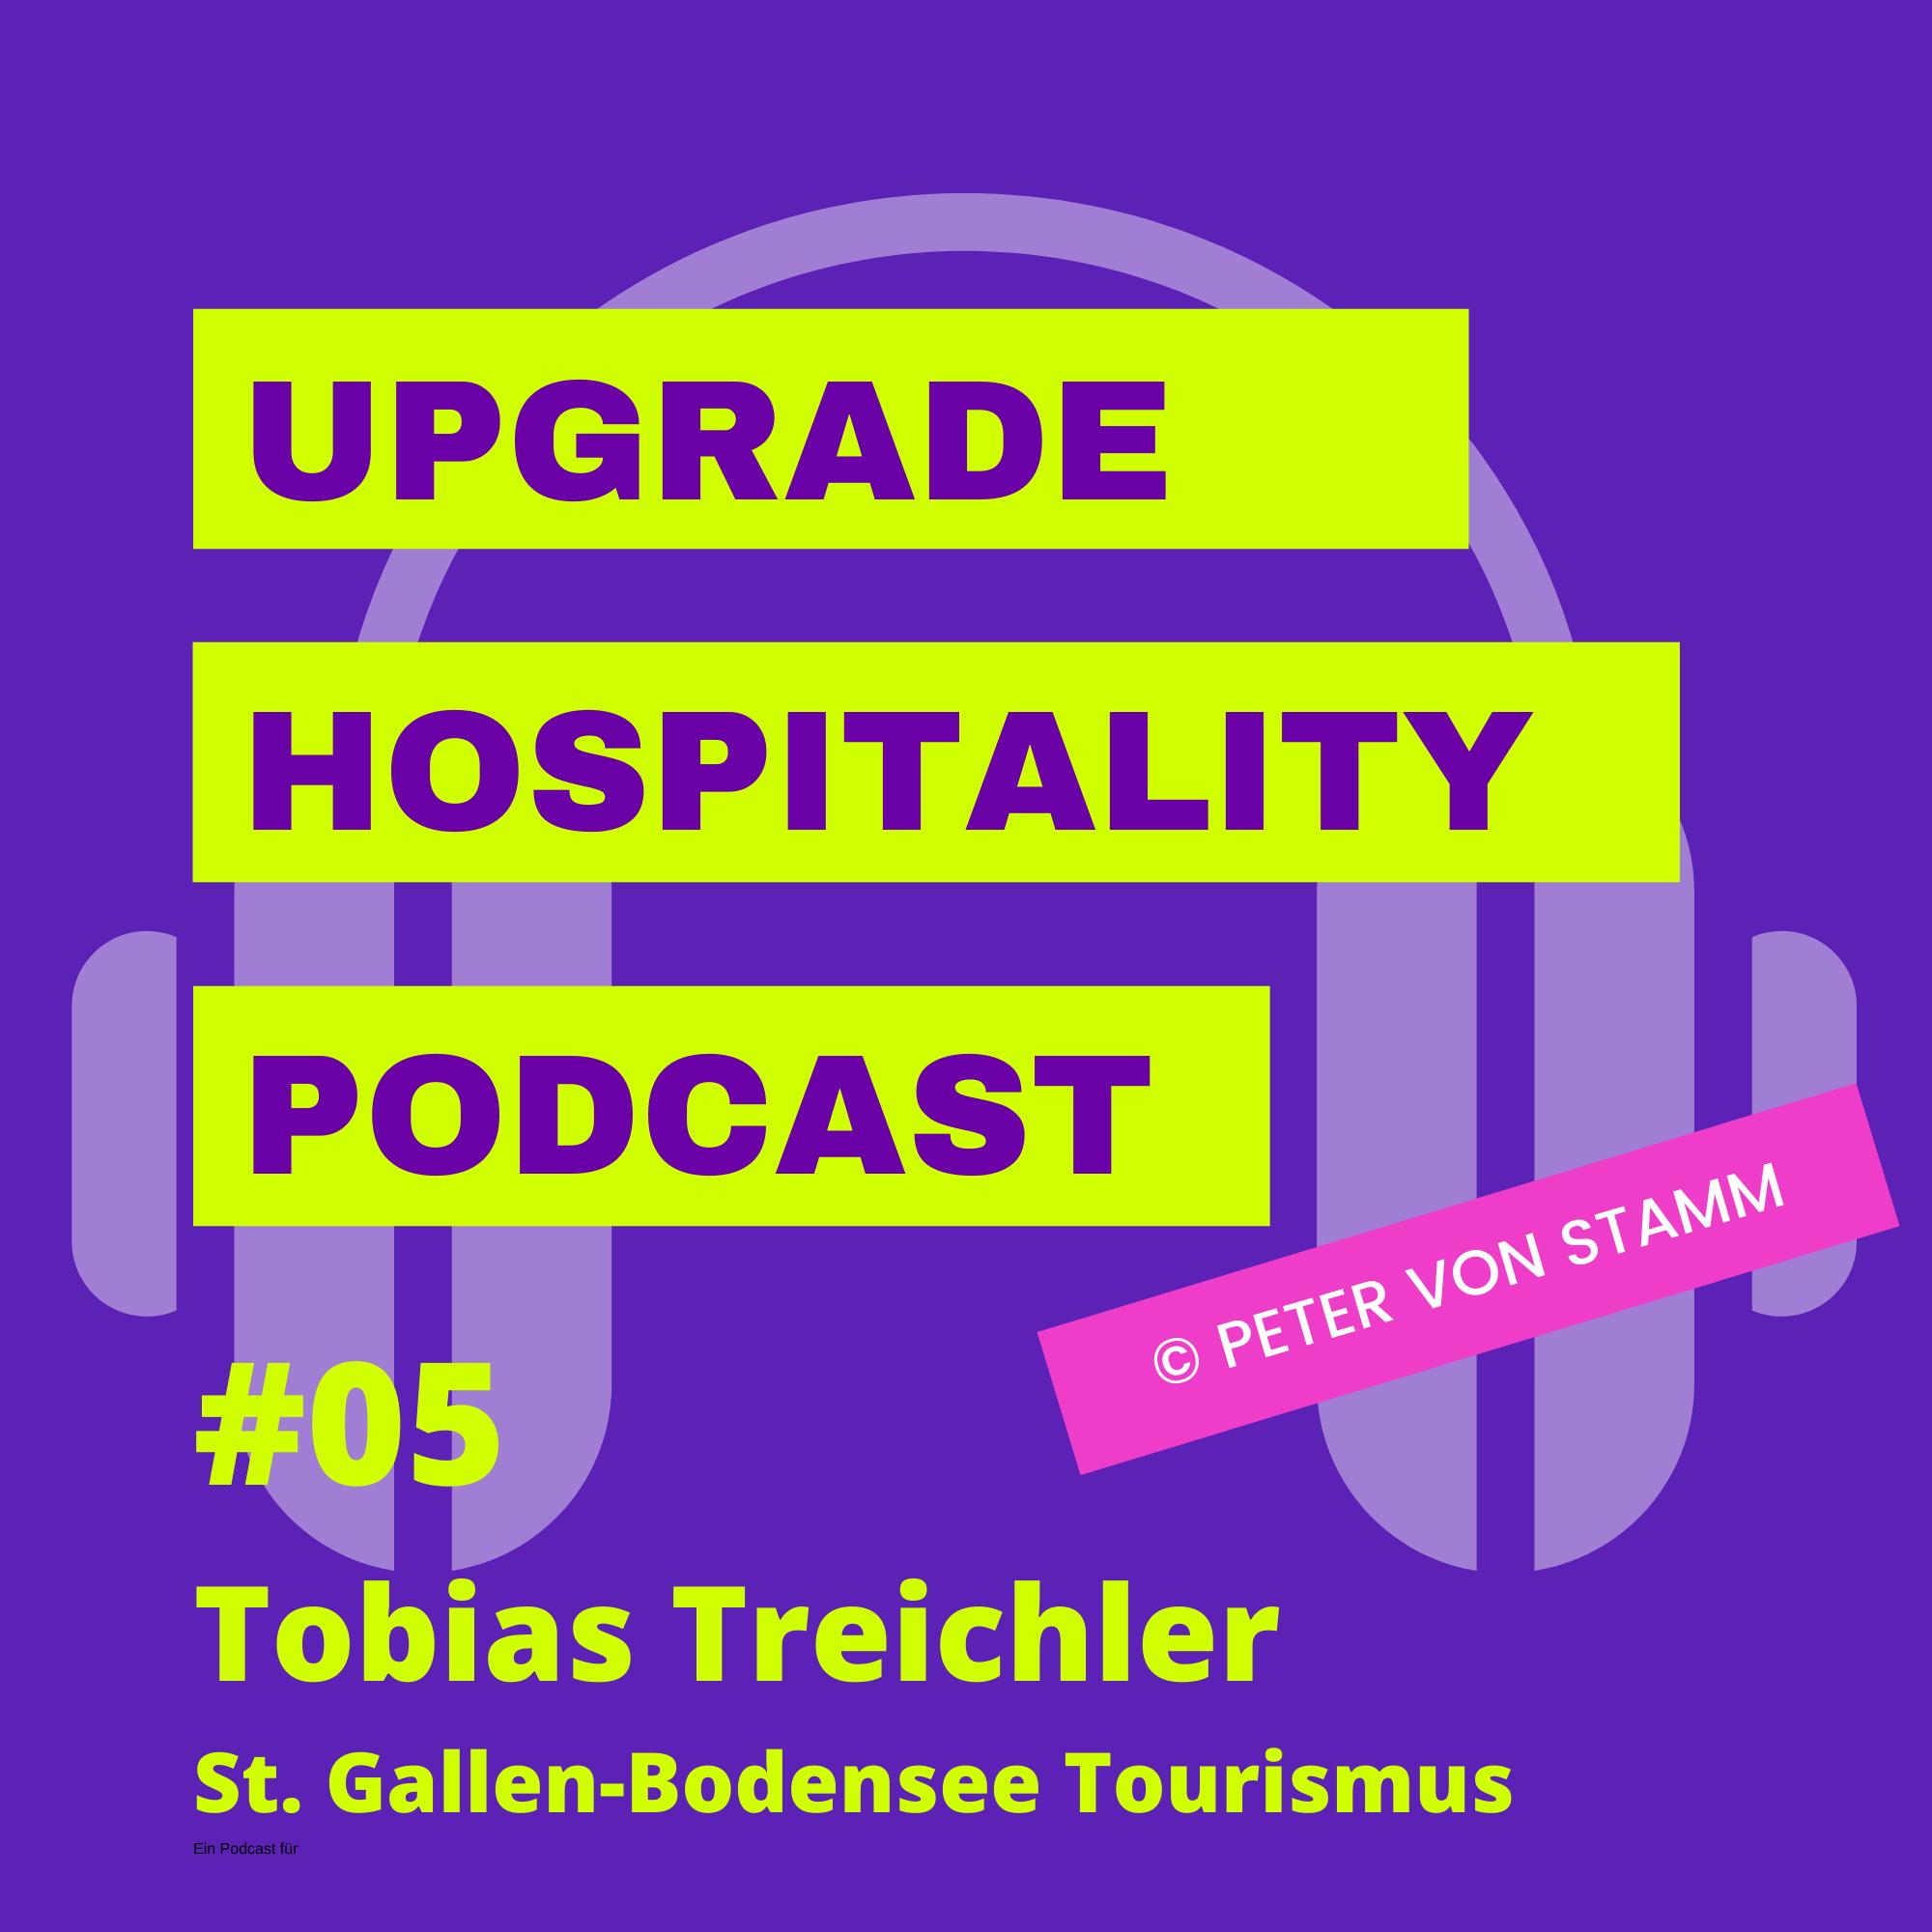 #05: Tourismus fehlt es an Wertschätzung - Touristiker Toby Treichler sagt klar, was er von der Politik erwartet